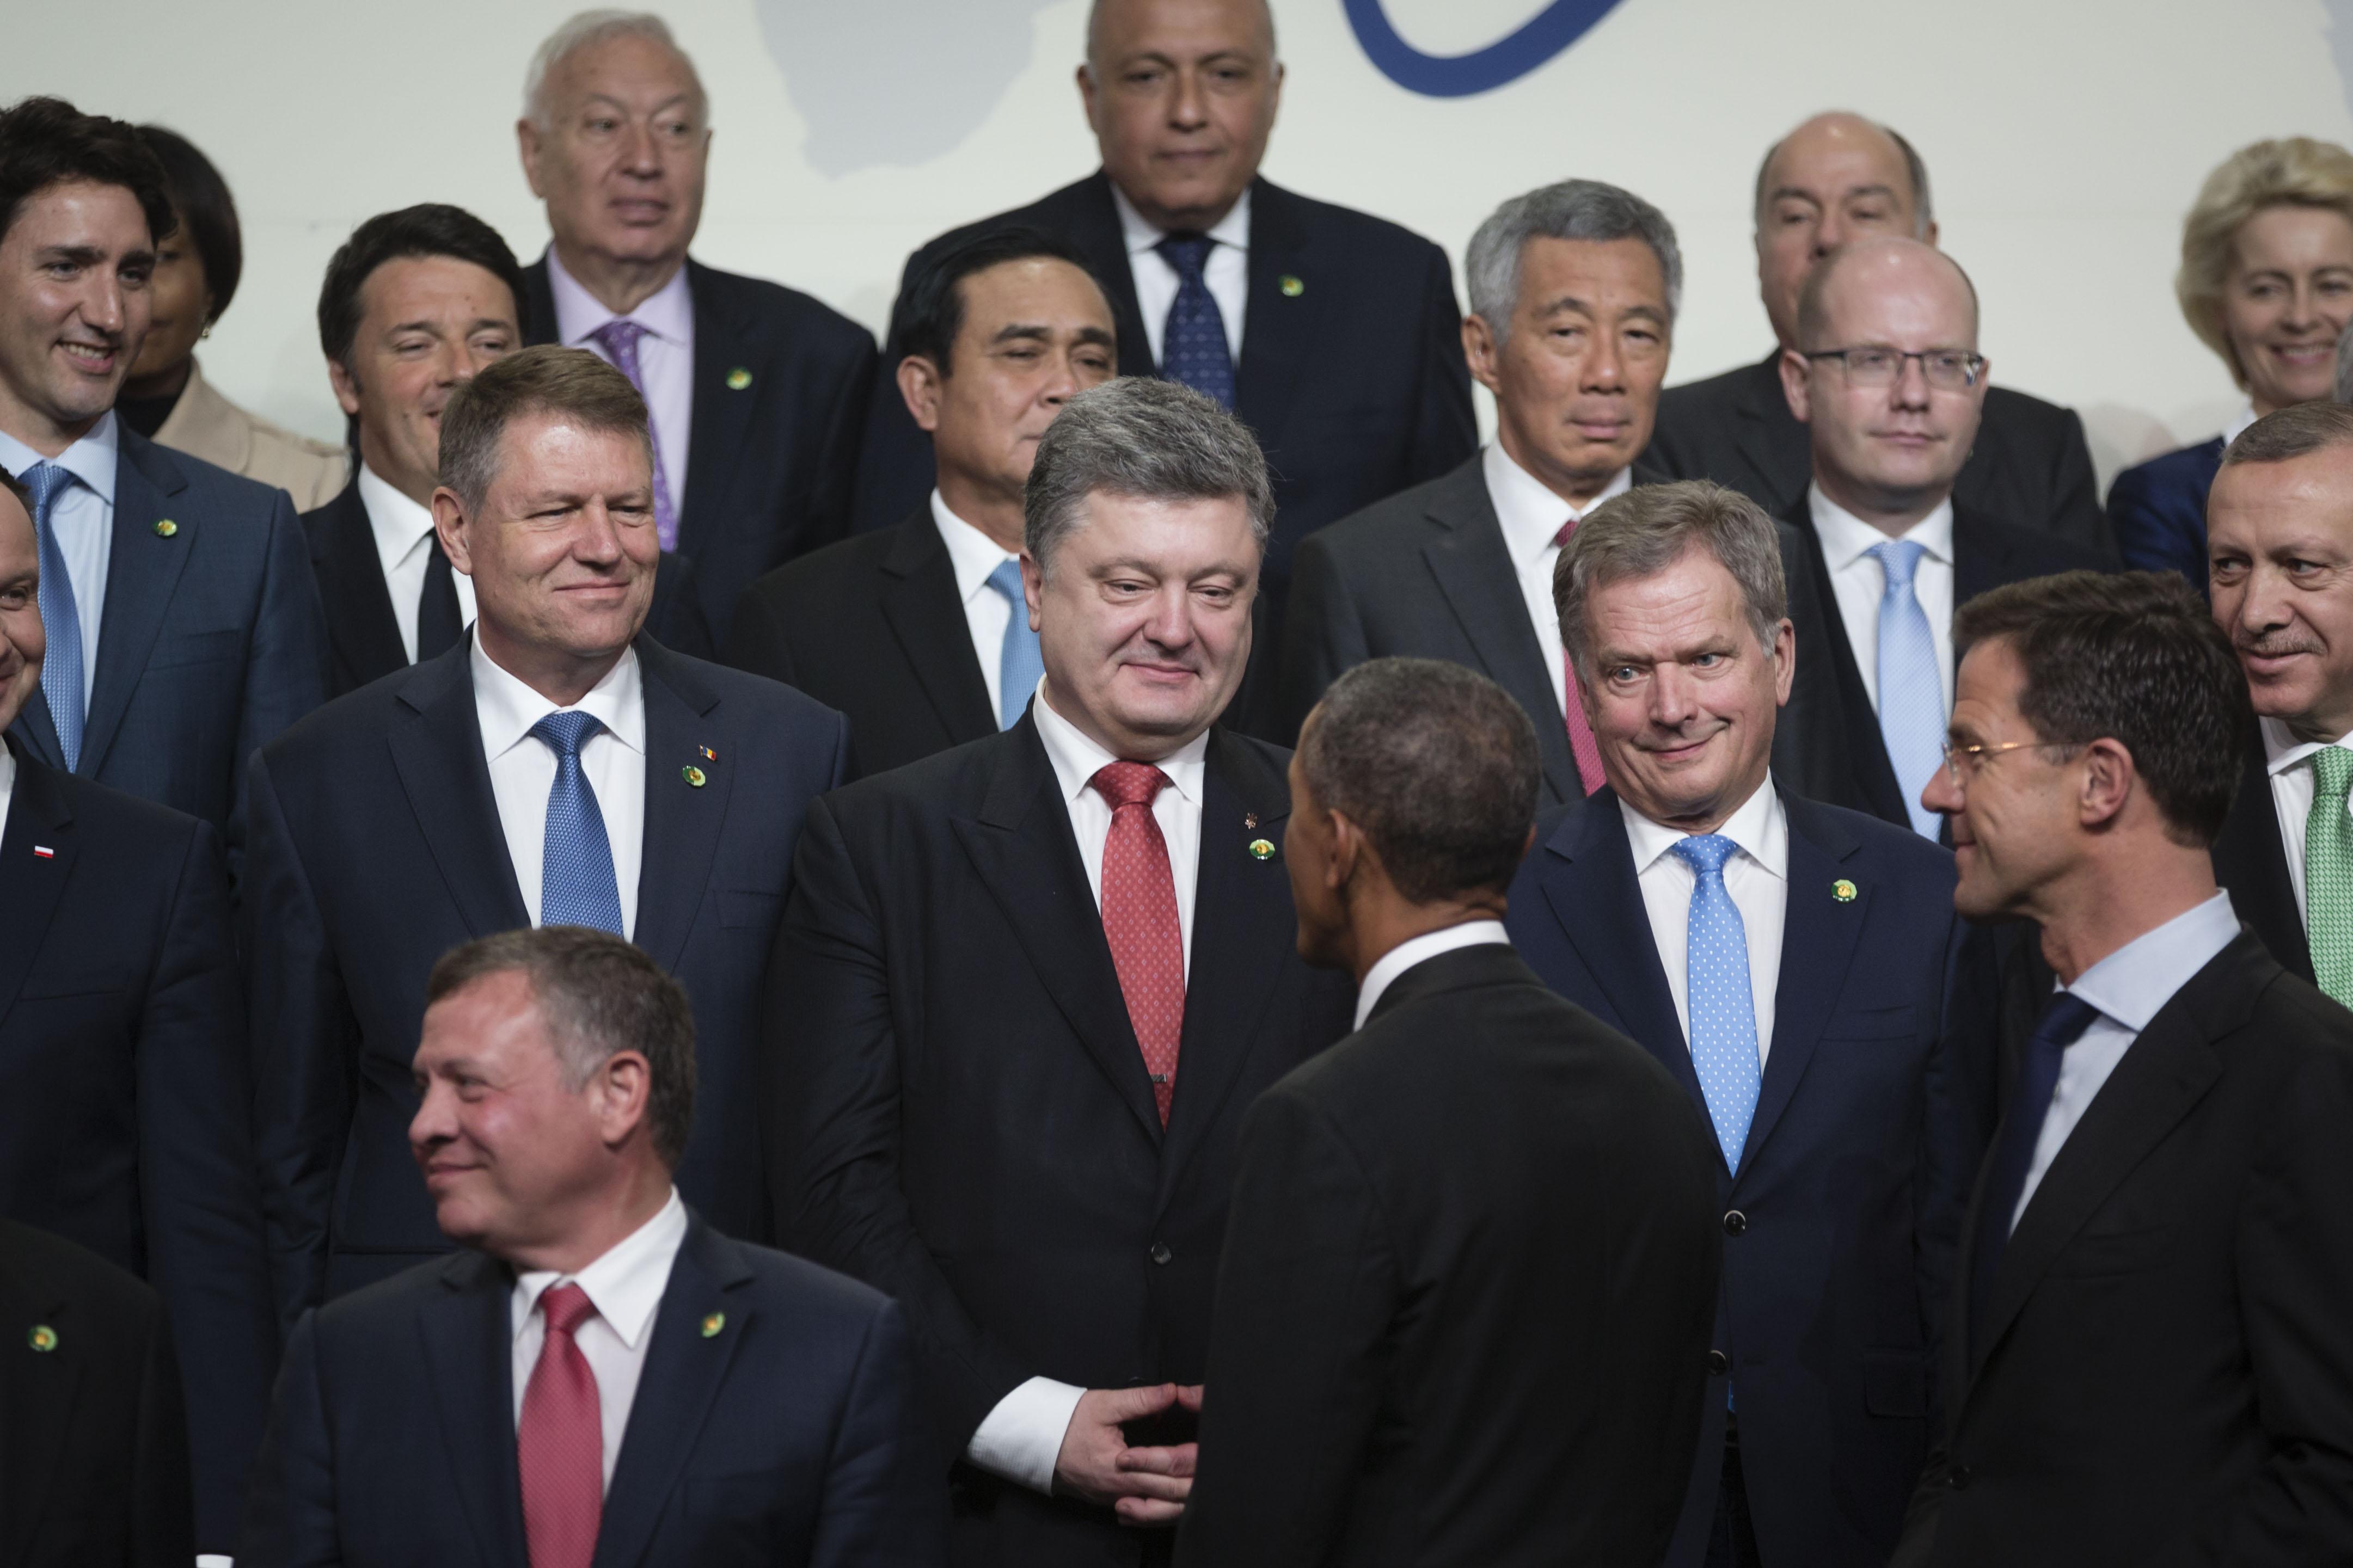 """Необходимо ввести эффективные гарантии безопасности для """"неядерных"""" государств - Президент на саммите в Вашингтоне"""